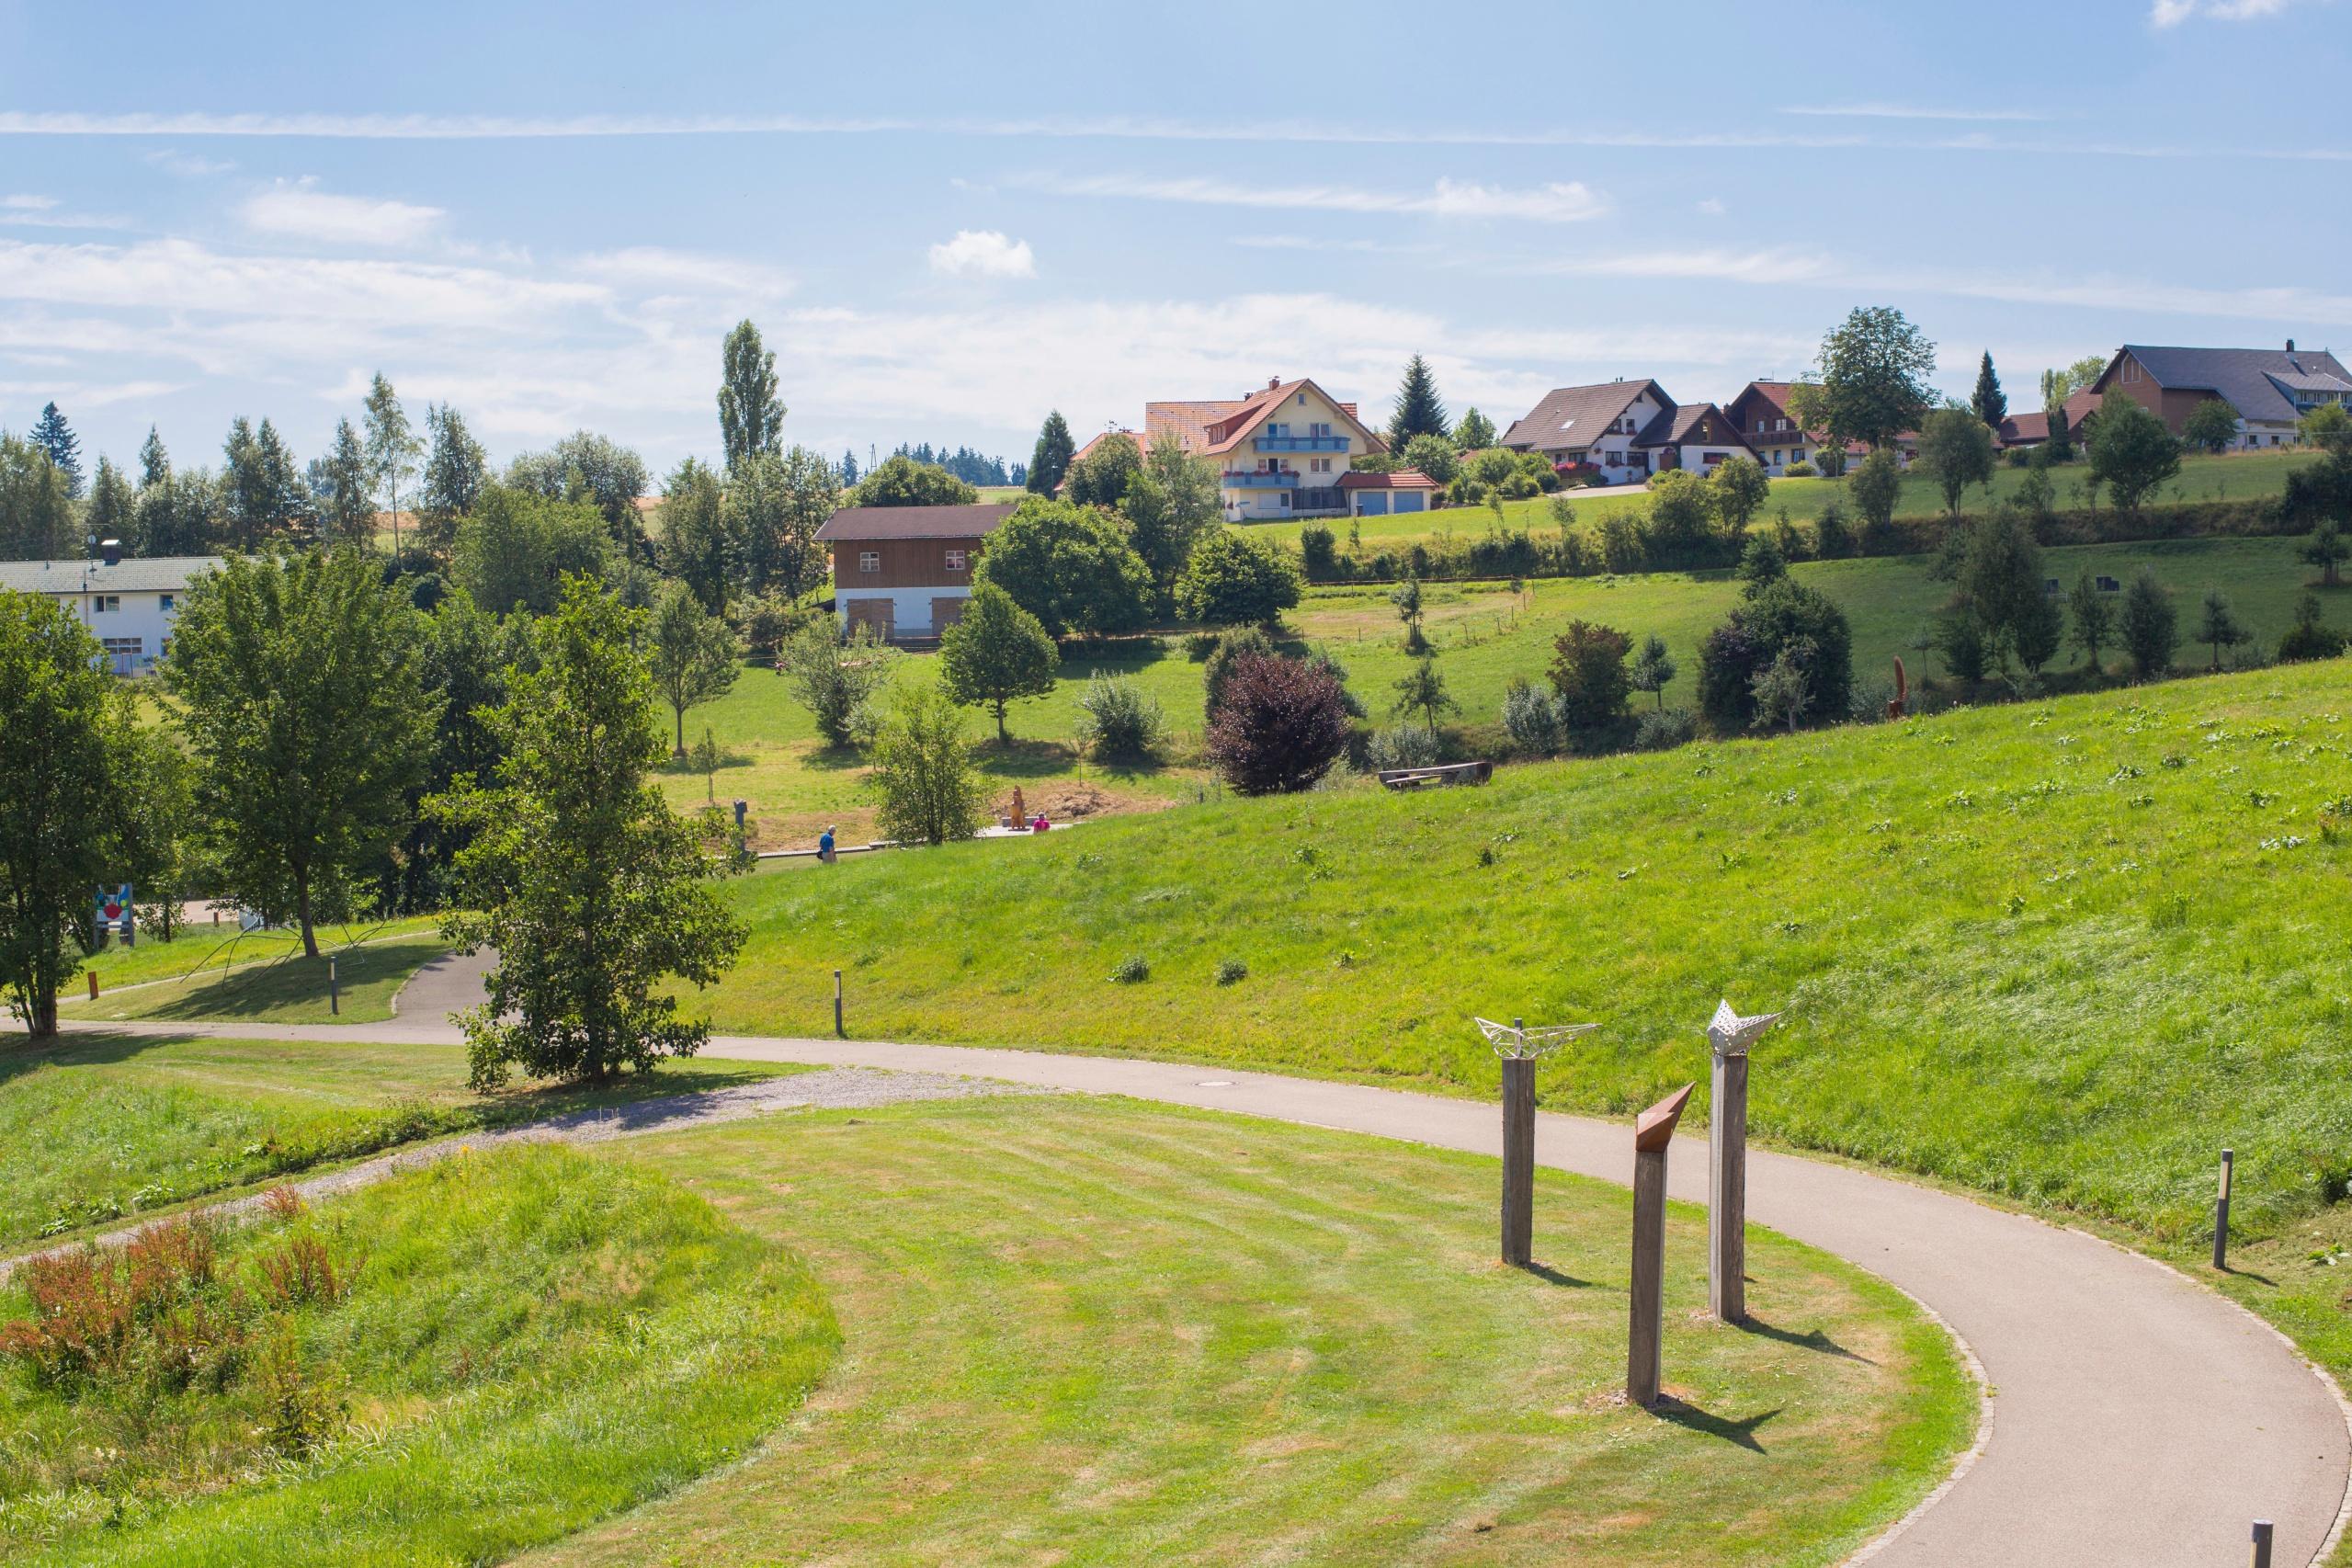 Wanderung durch den Skulpturenpark Grafenhausen